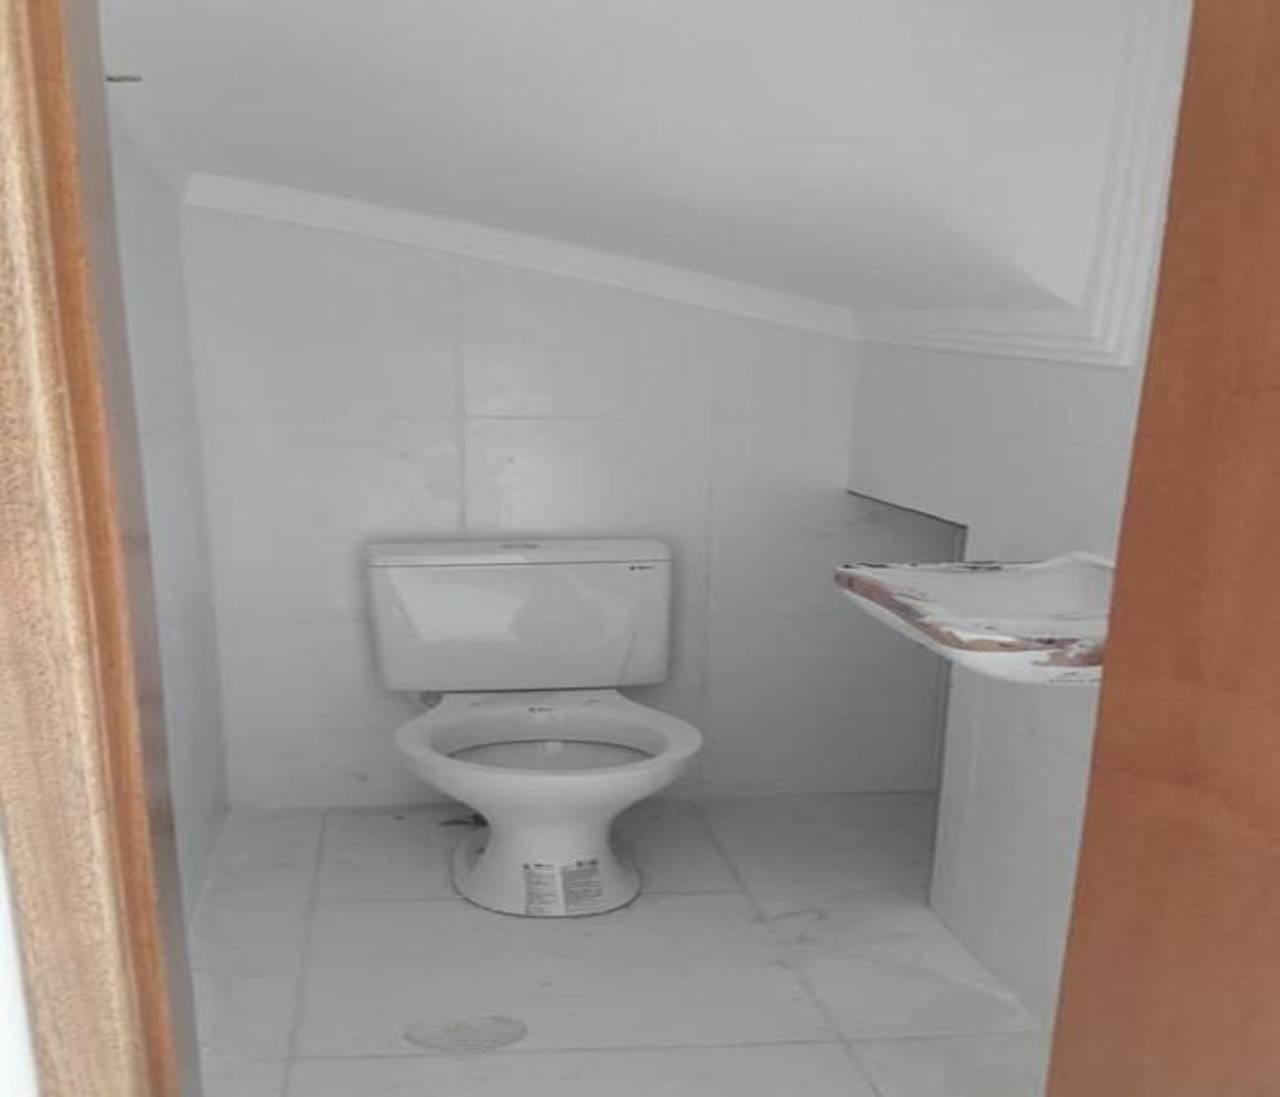 TF1067 - Sobrado novo em condomínio fechado com 2 dormitórios na V Carrão.